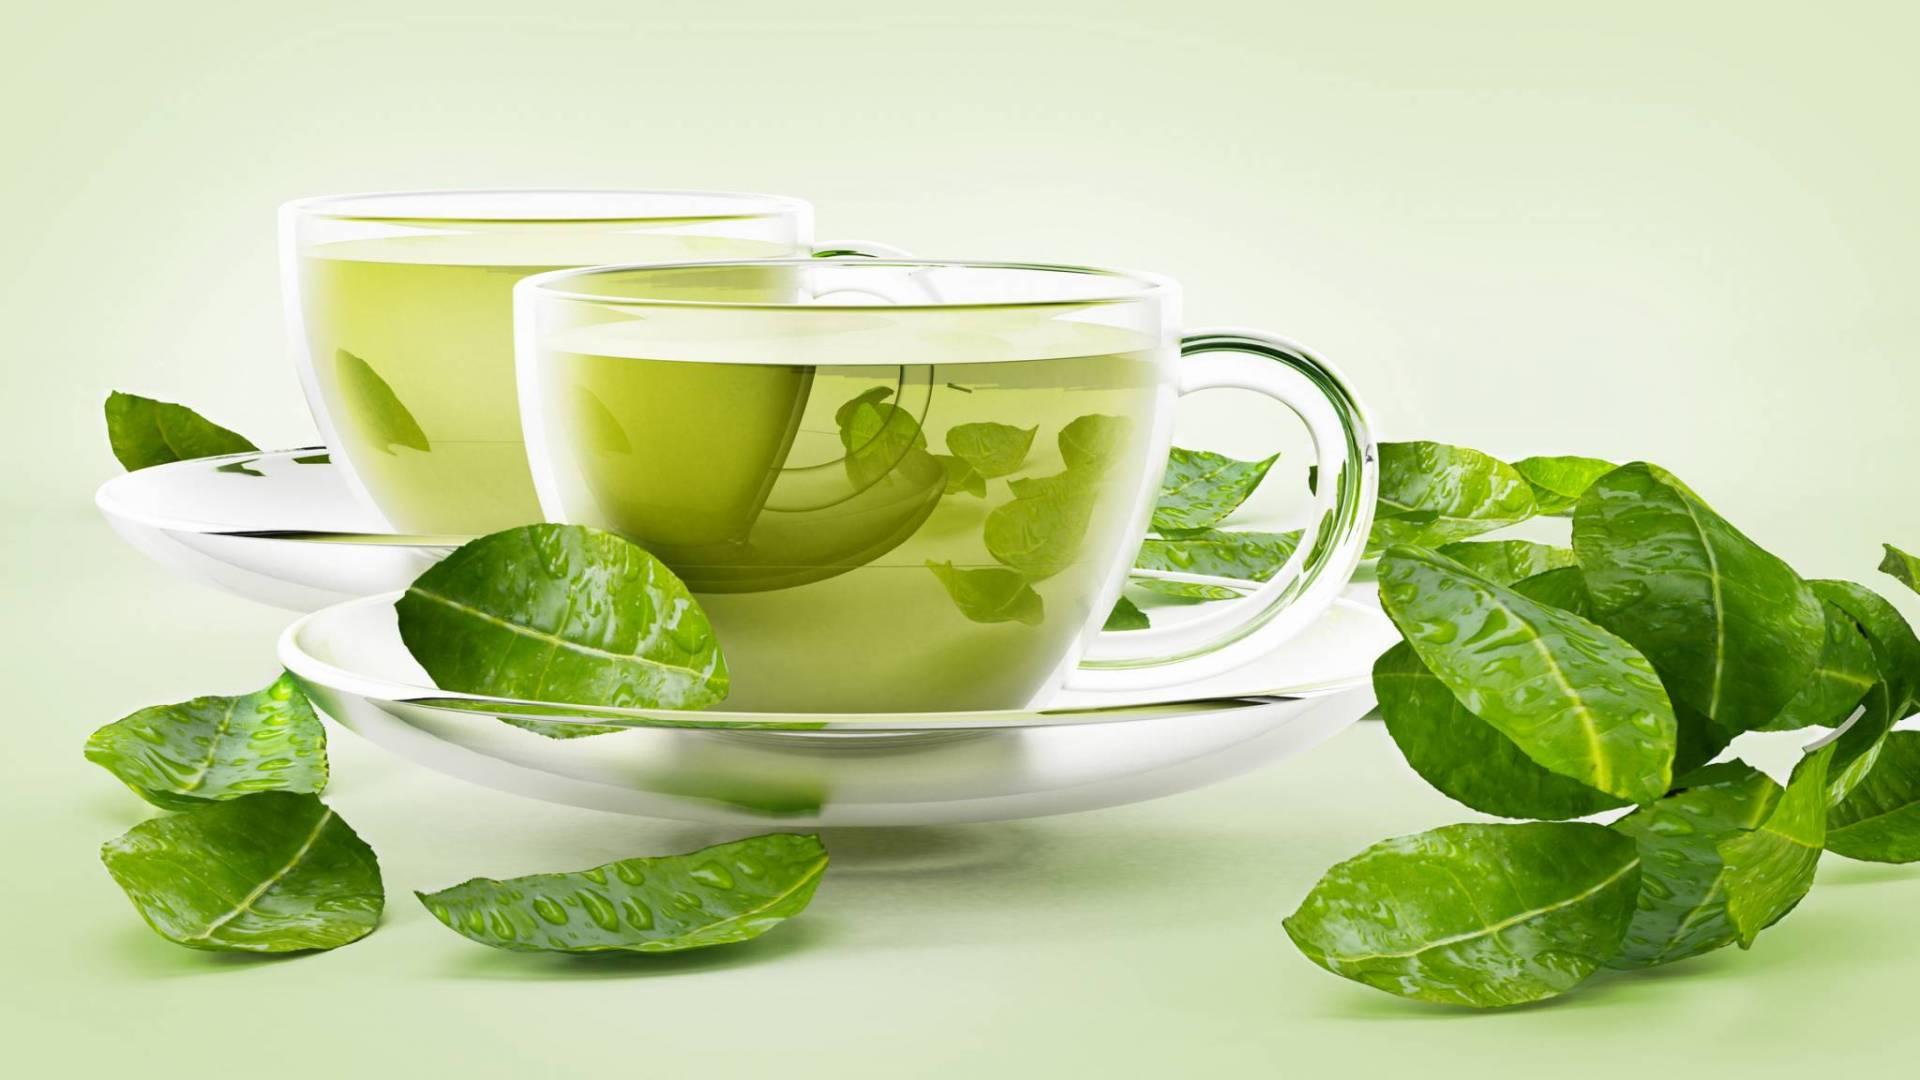 ماذا يفعل كوب من الشاي الأخضر على معدة فارغة؟ - البيان الصحي ...